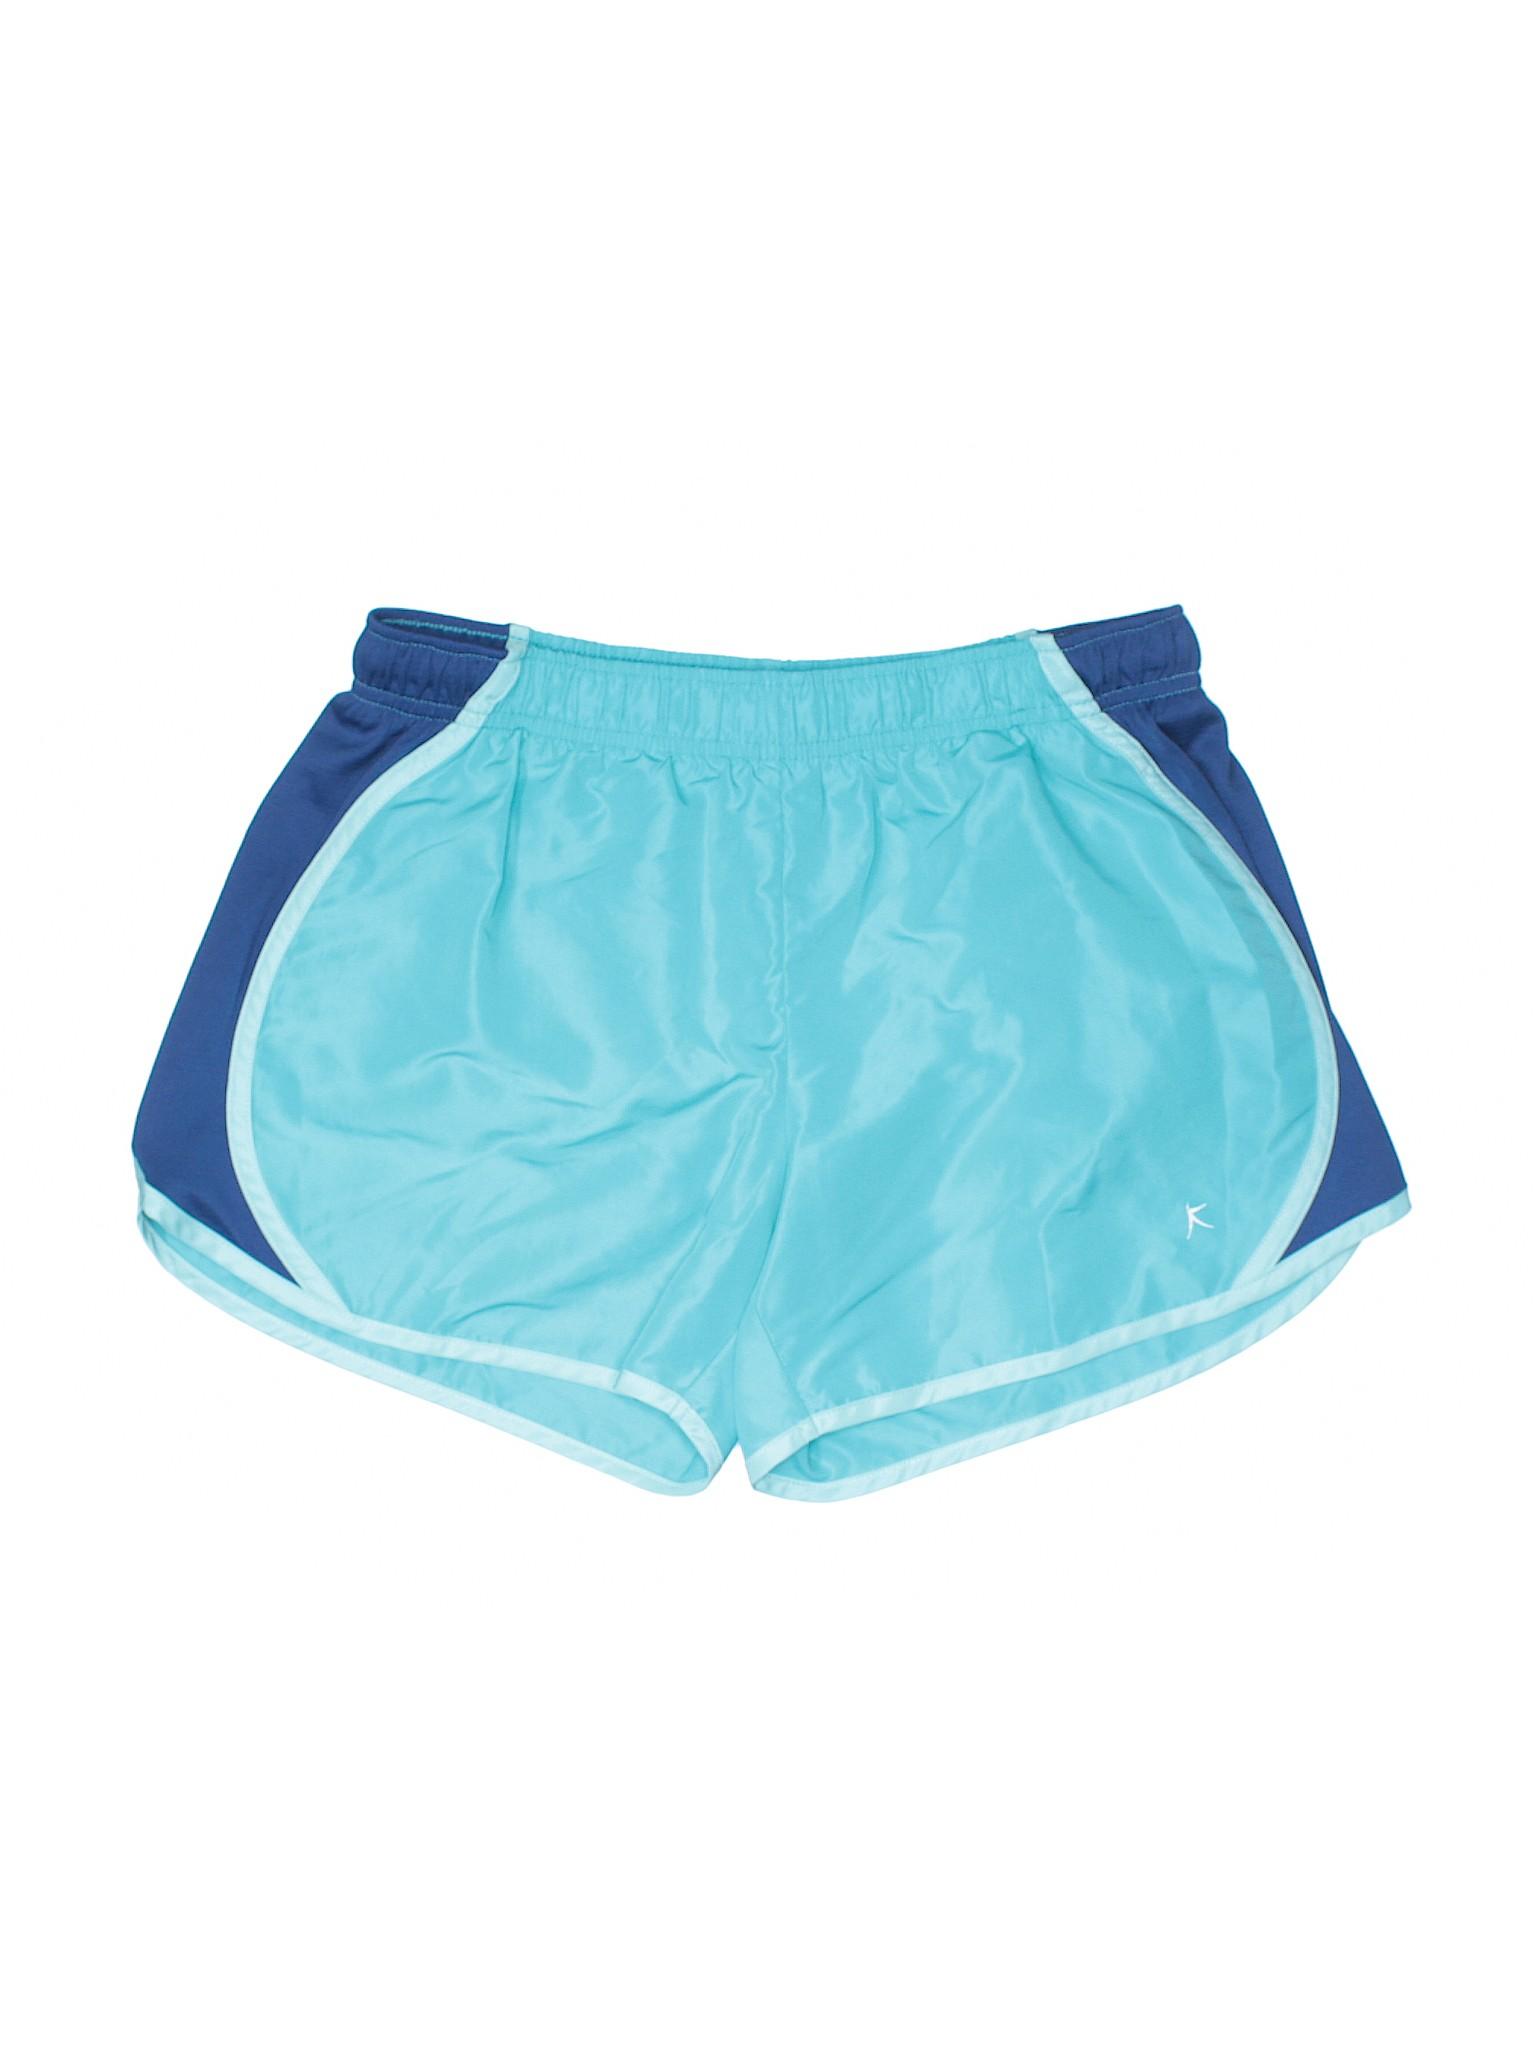 Now Boutique Danskin Boutique Shorts Danskin Athletic 7q7gTanpw